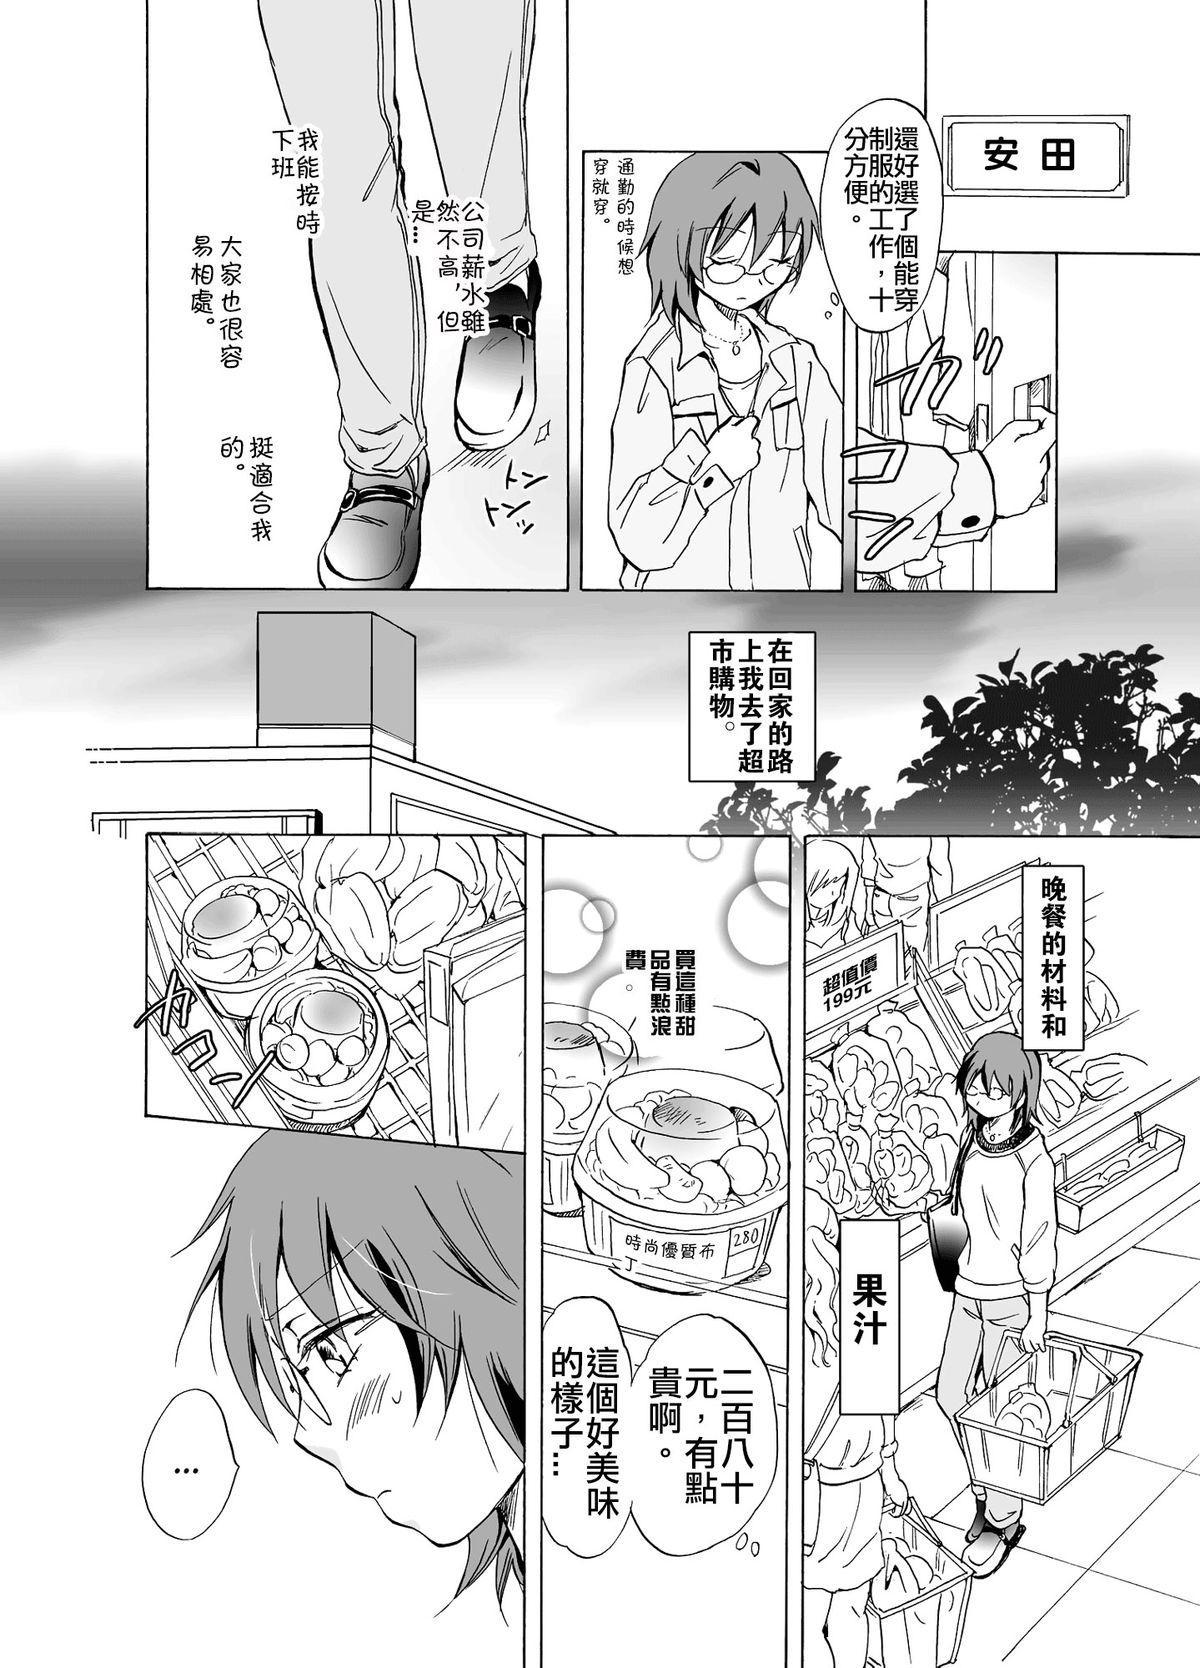 Aisaresugite Komaru no | 為愛所困 3